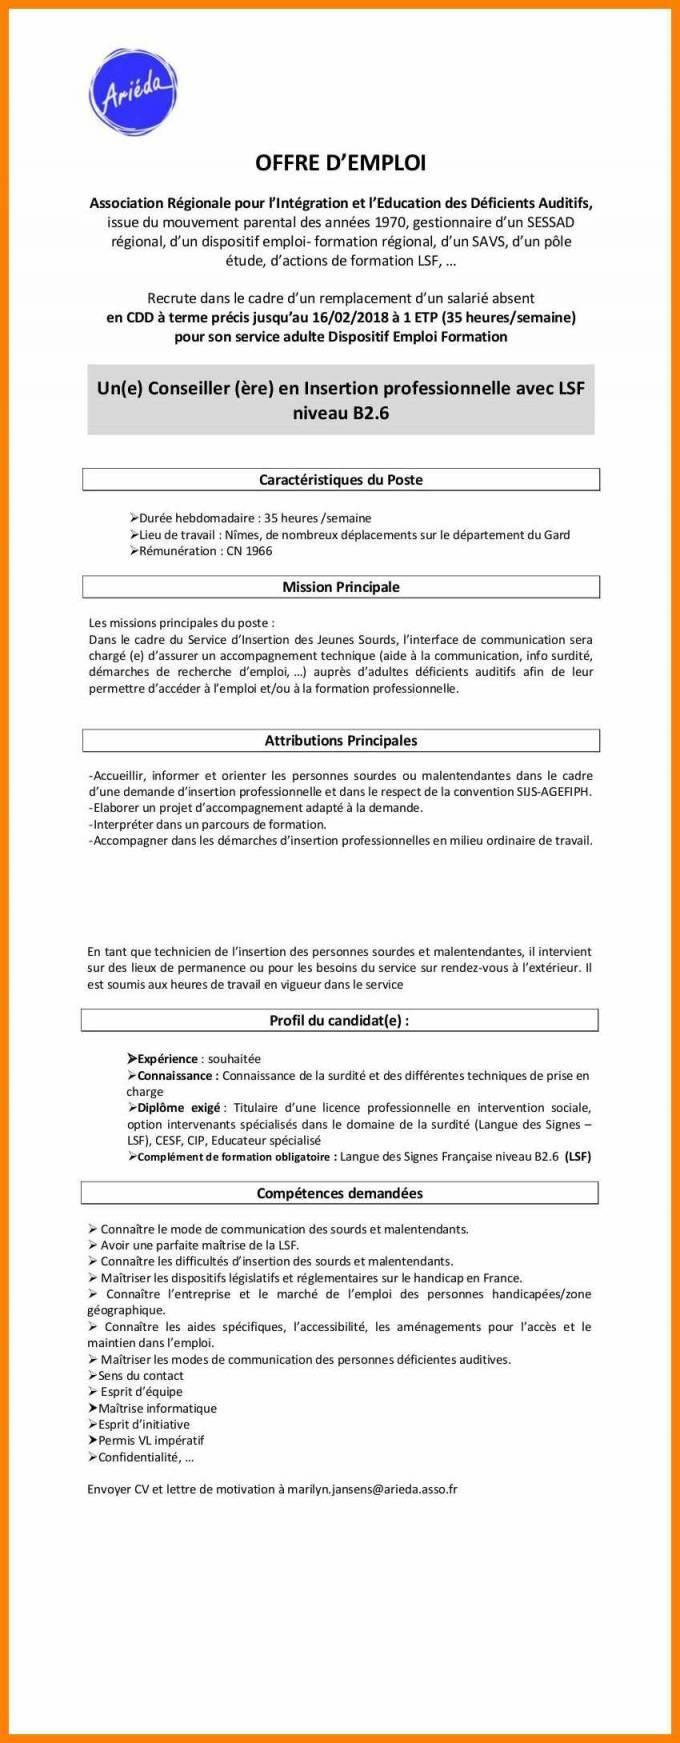 lettre de motivation conseiller emploi formation